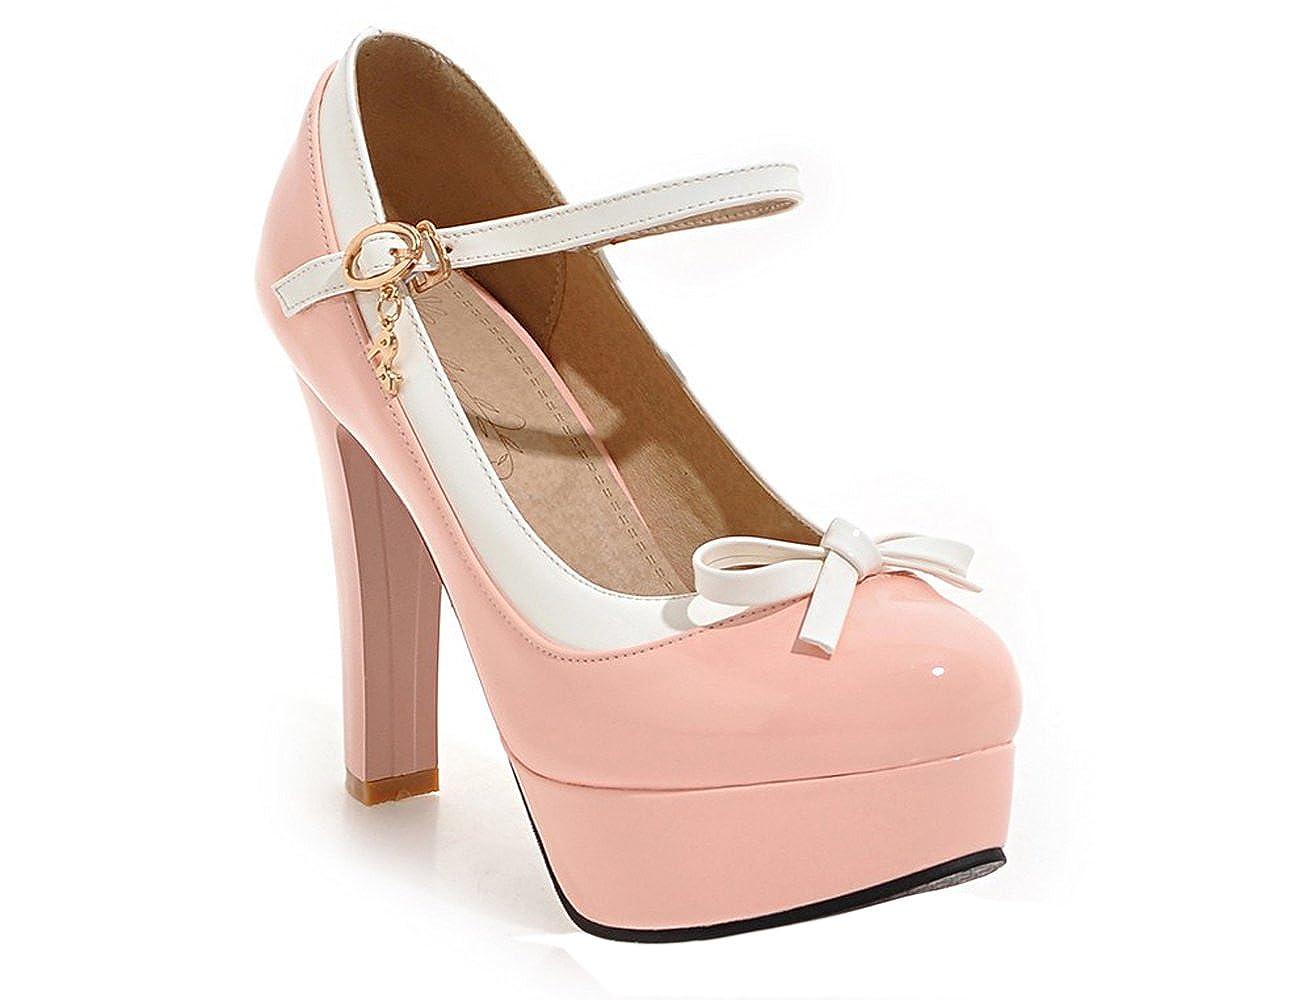 UH Sandalo Sandalo UH con donna Zeppa donna con rosa 1a0806   b271bc